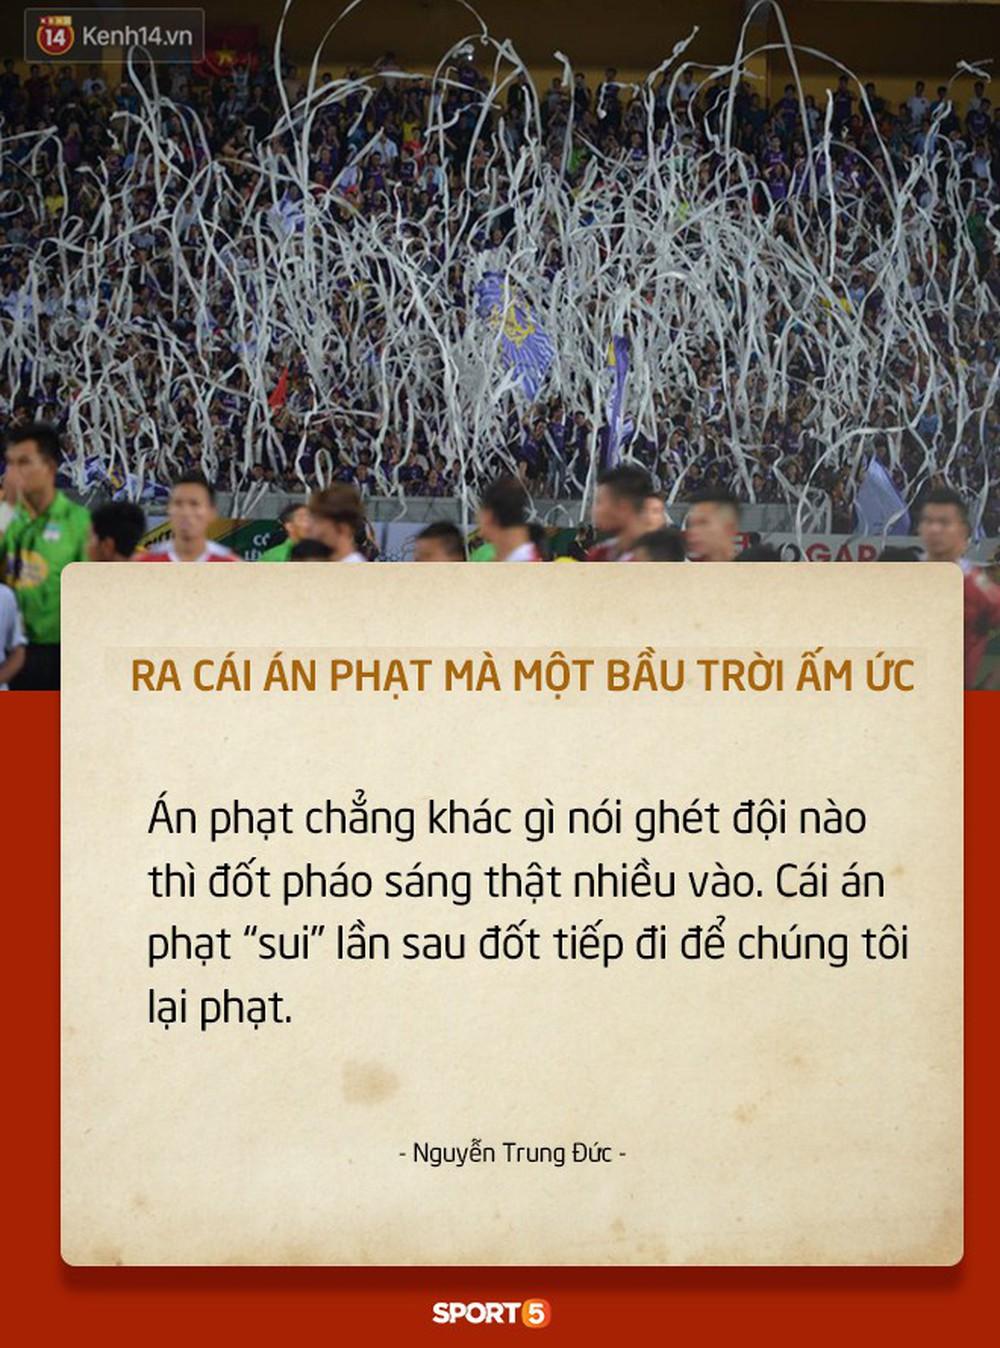 Fan Việt tranh cãi nảy lửa chuyện sân Hàng Đẫy bị treo vì CĐV Hải Phòng đốt pháo sáng - Ảnh 2.